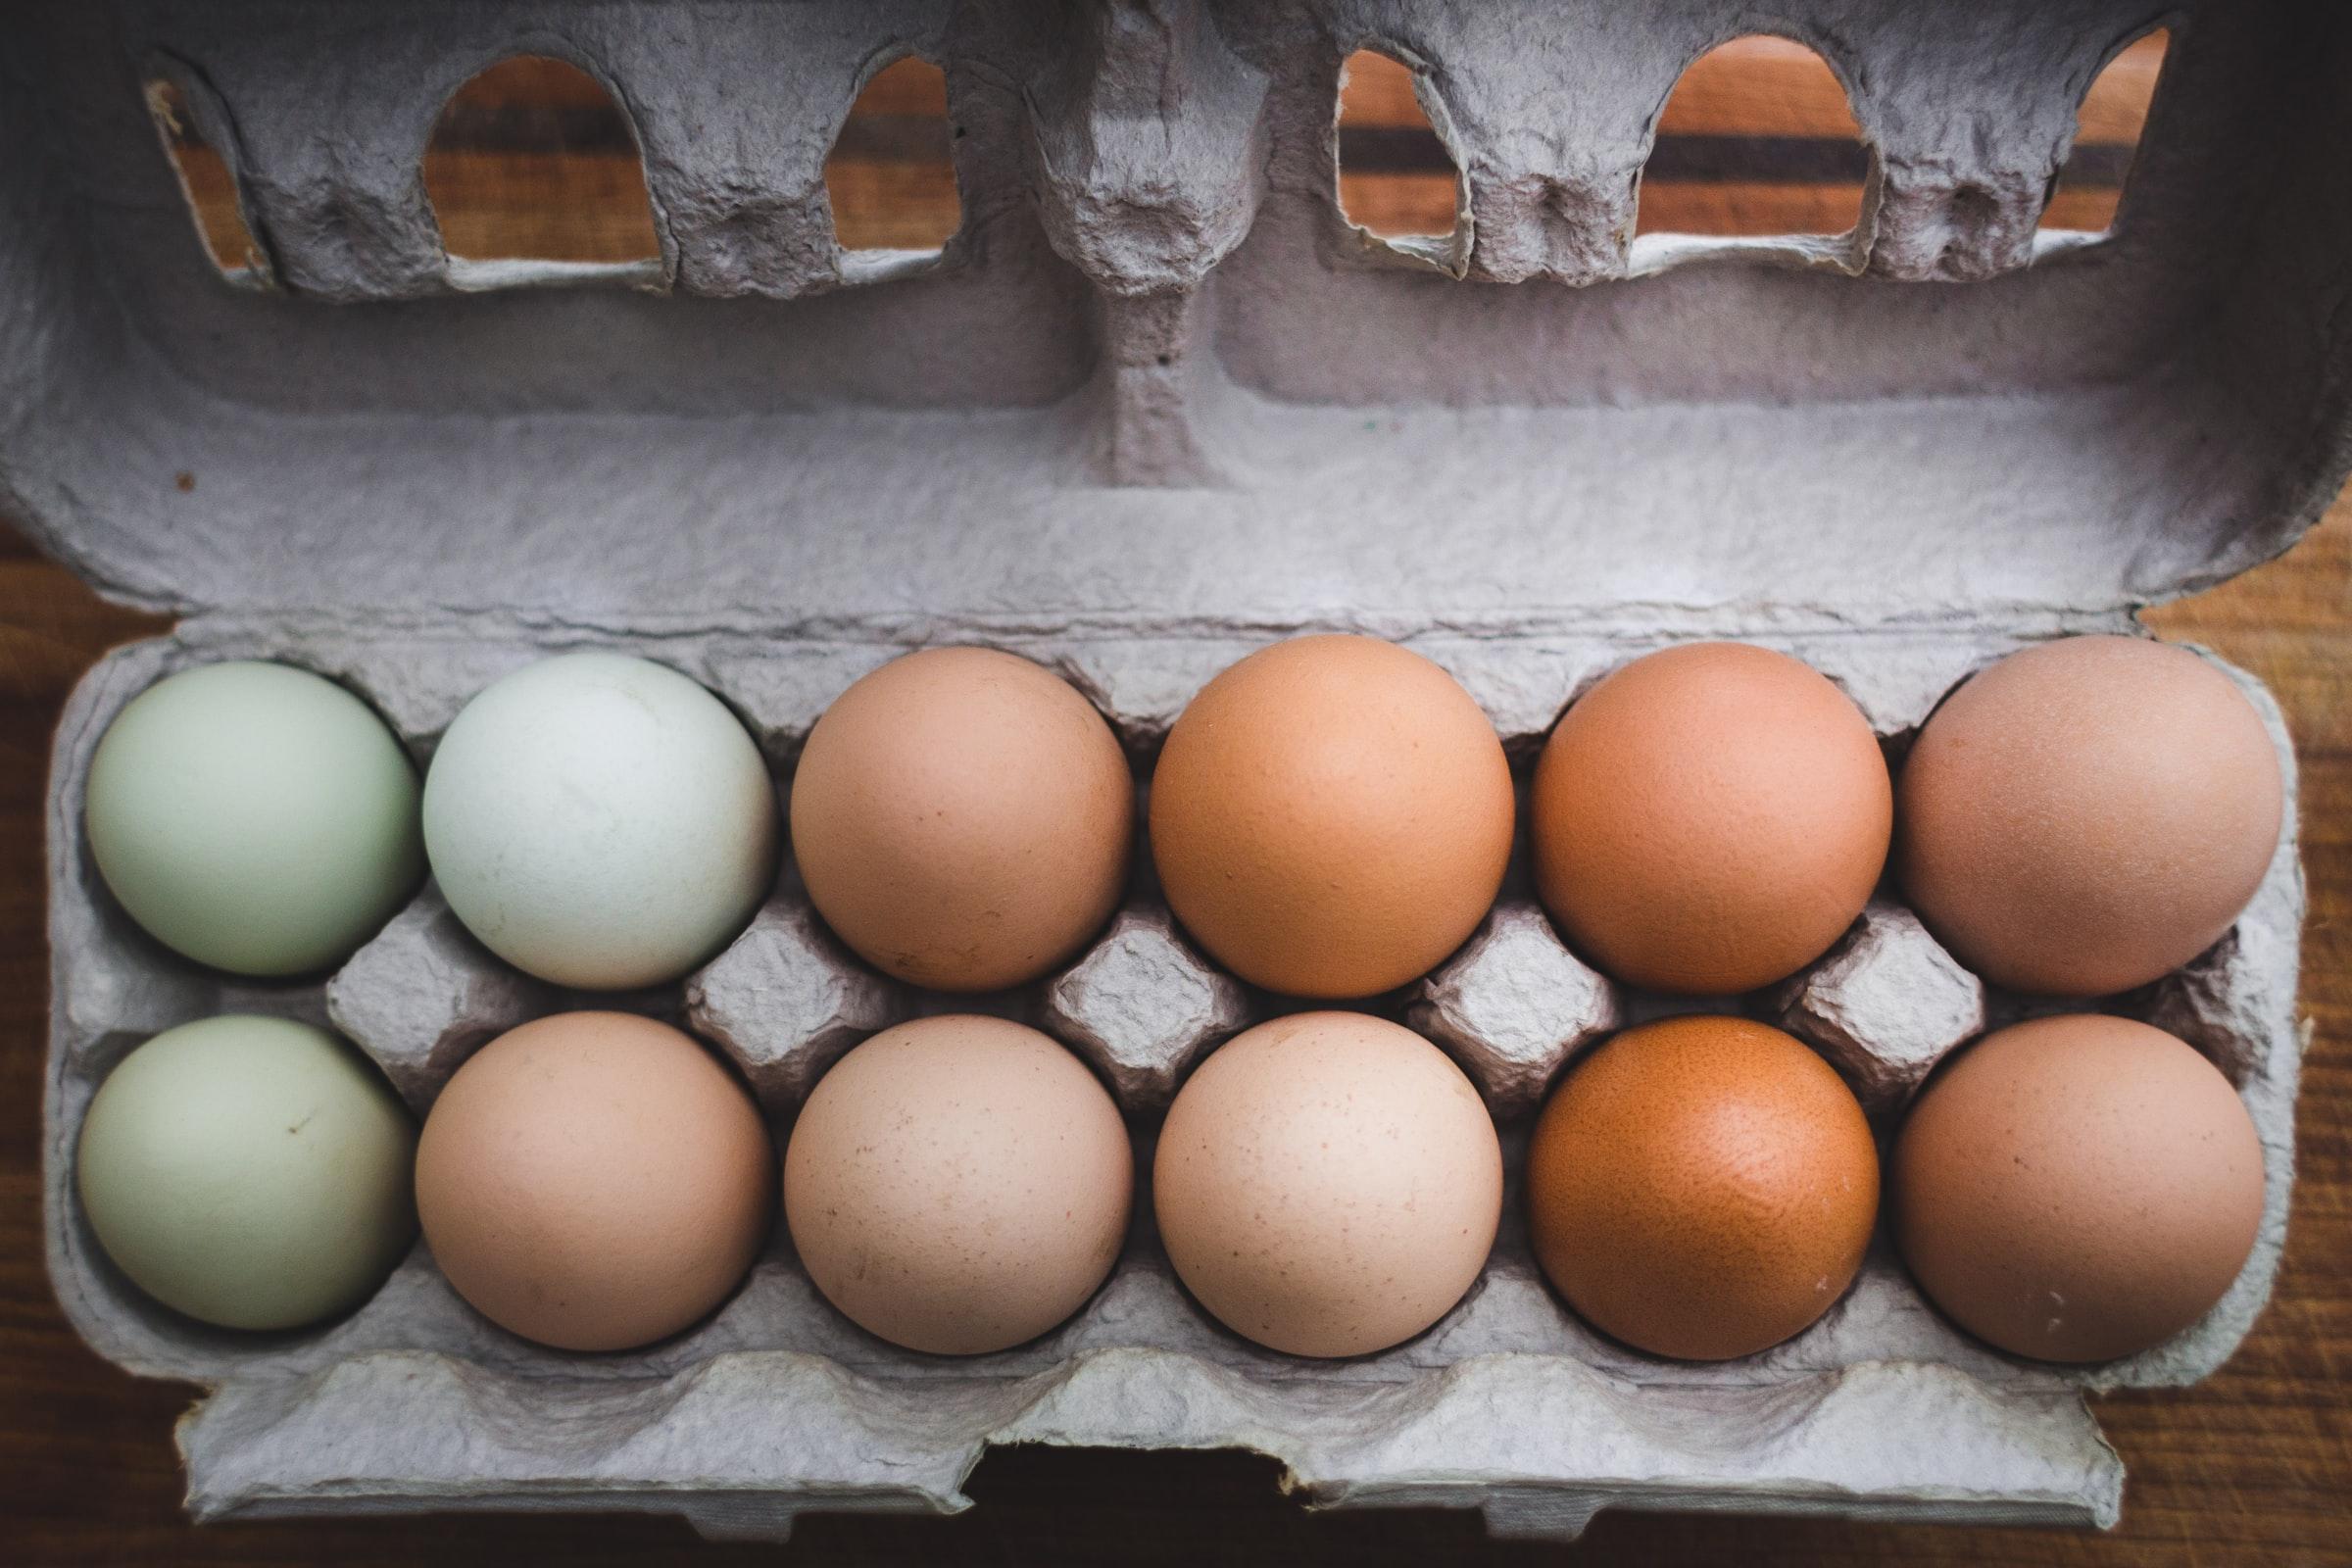 carboard-egg-carton